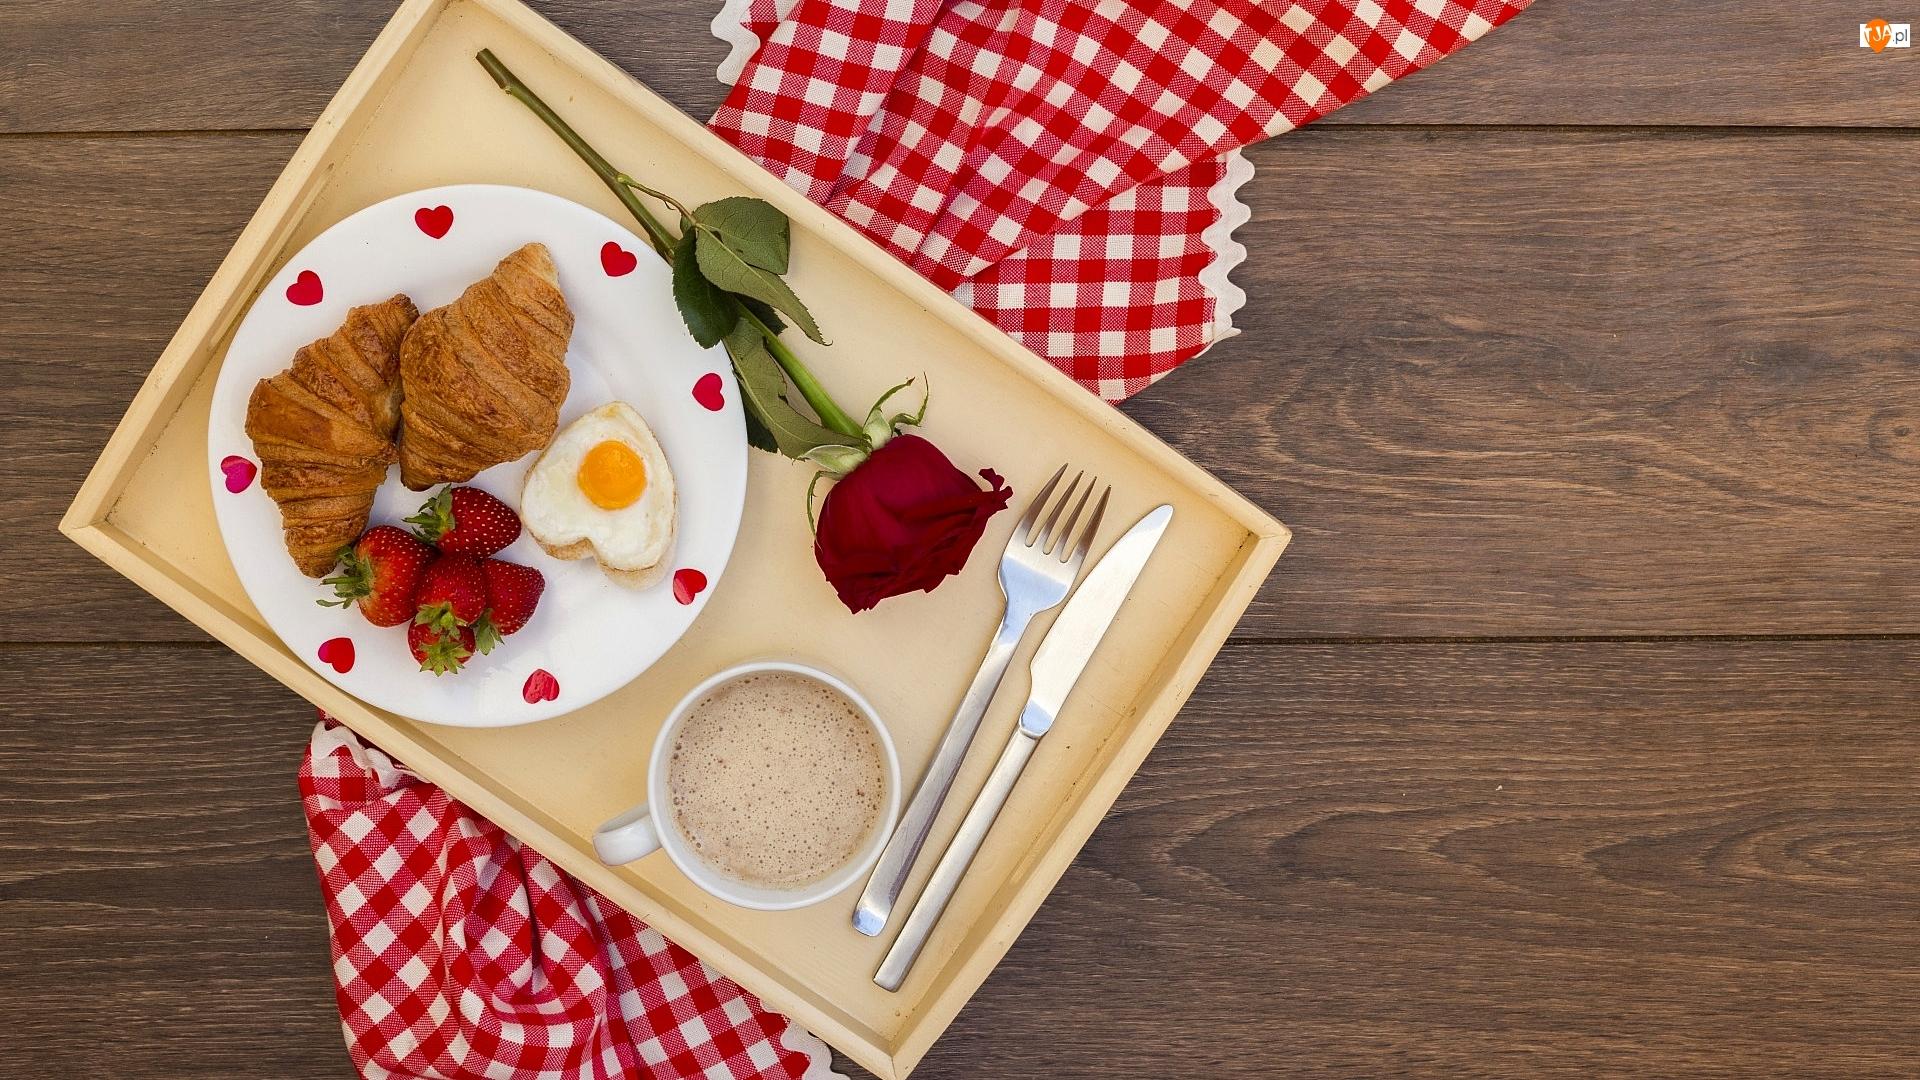 Walentynki, Kawa, Róża, Śniadanie, Truskawki, Croissanty, Jajko